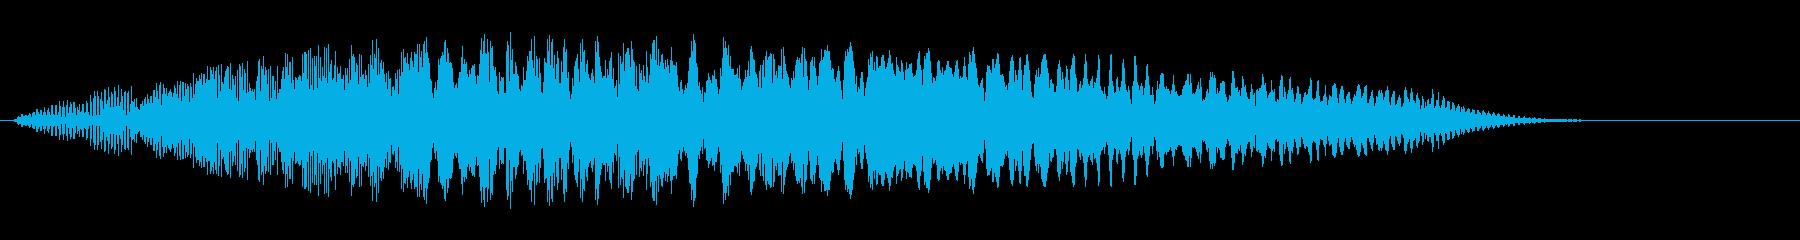 ブゥウィーン(電子音が上昇する効果音)の再生済みの波形